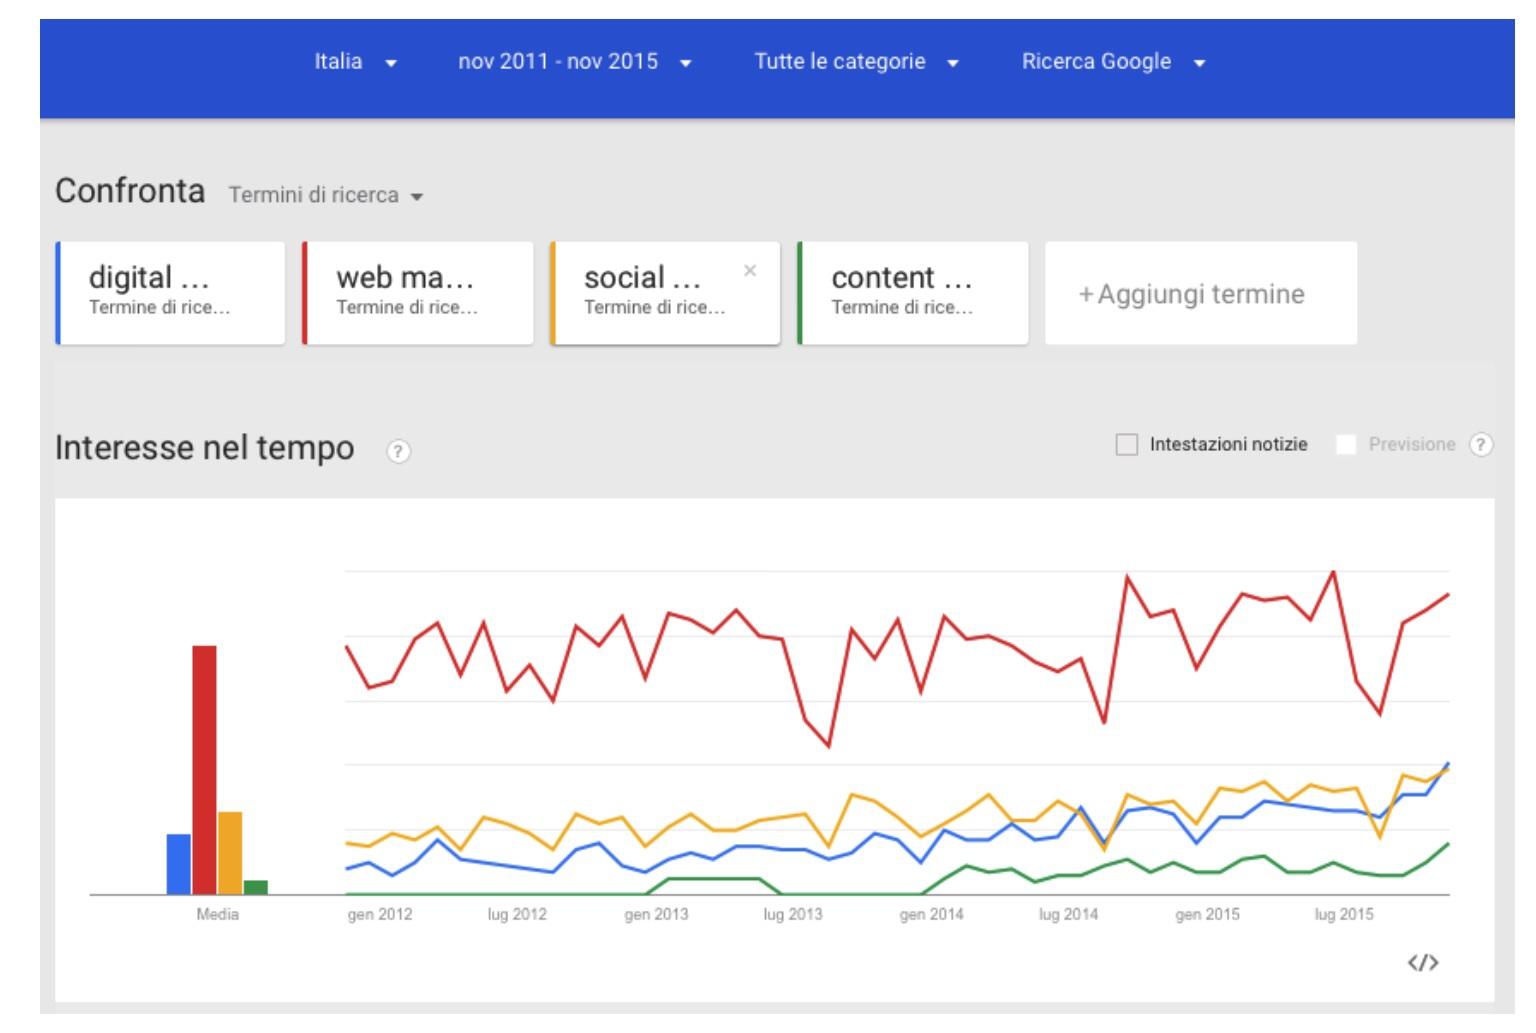 Confusione digital web marketing